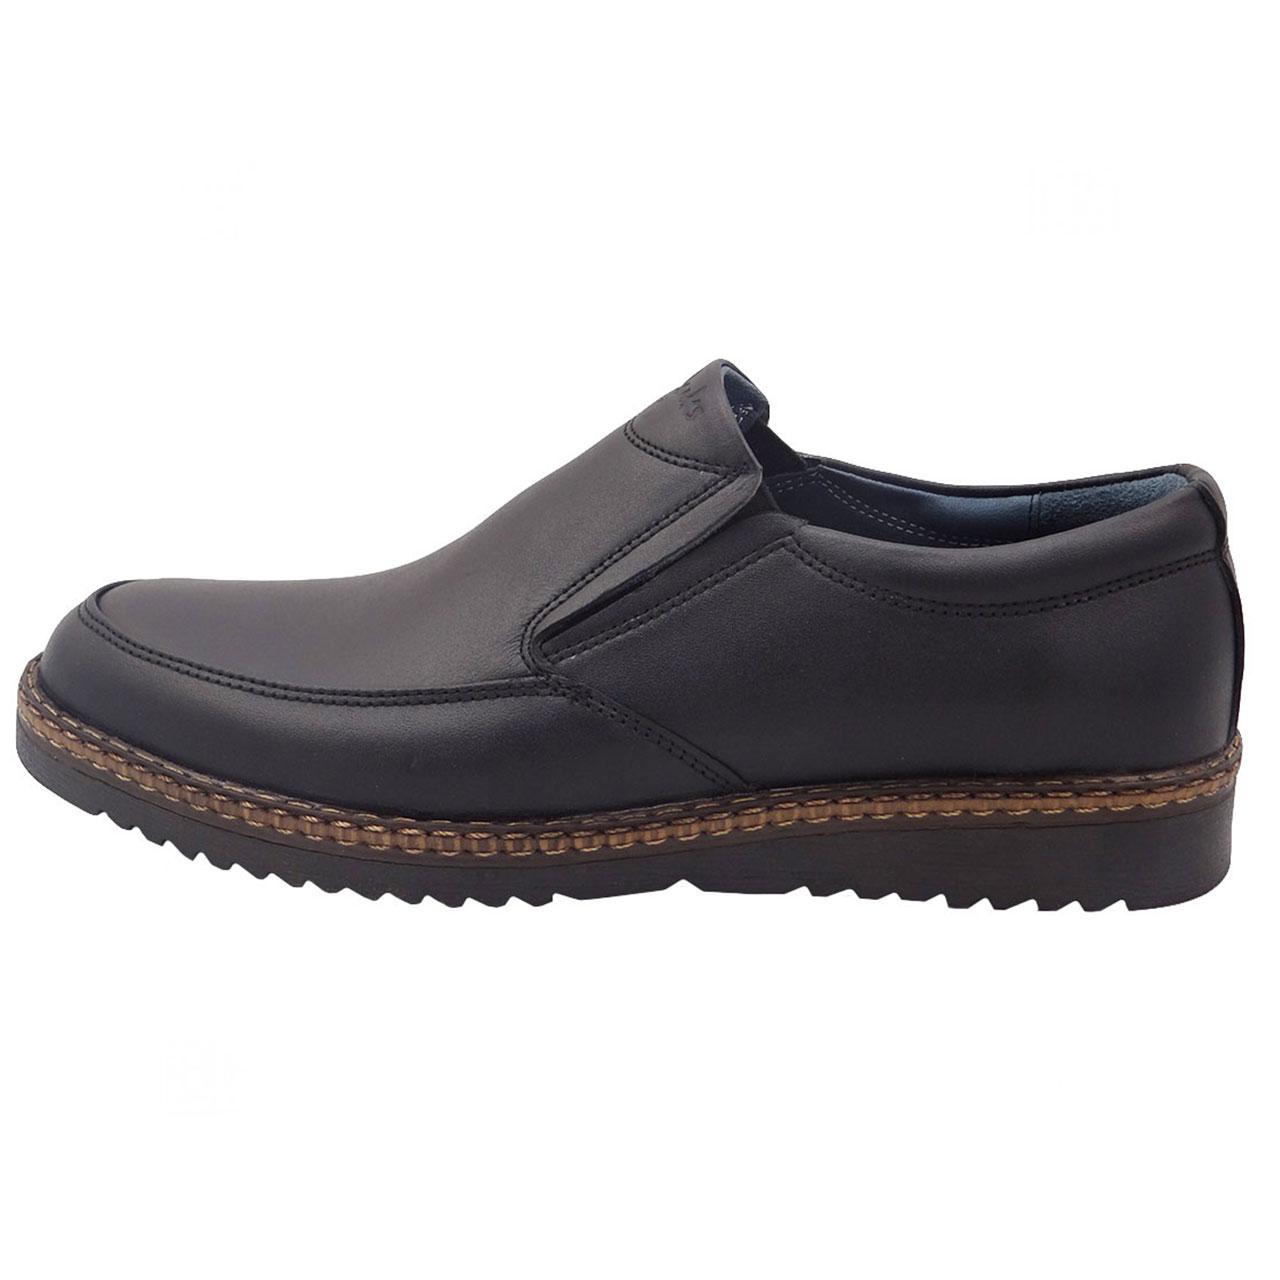 قیمت کفش چرمی مردانه مدل A17